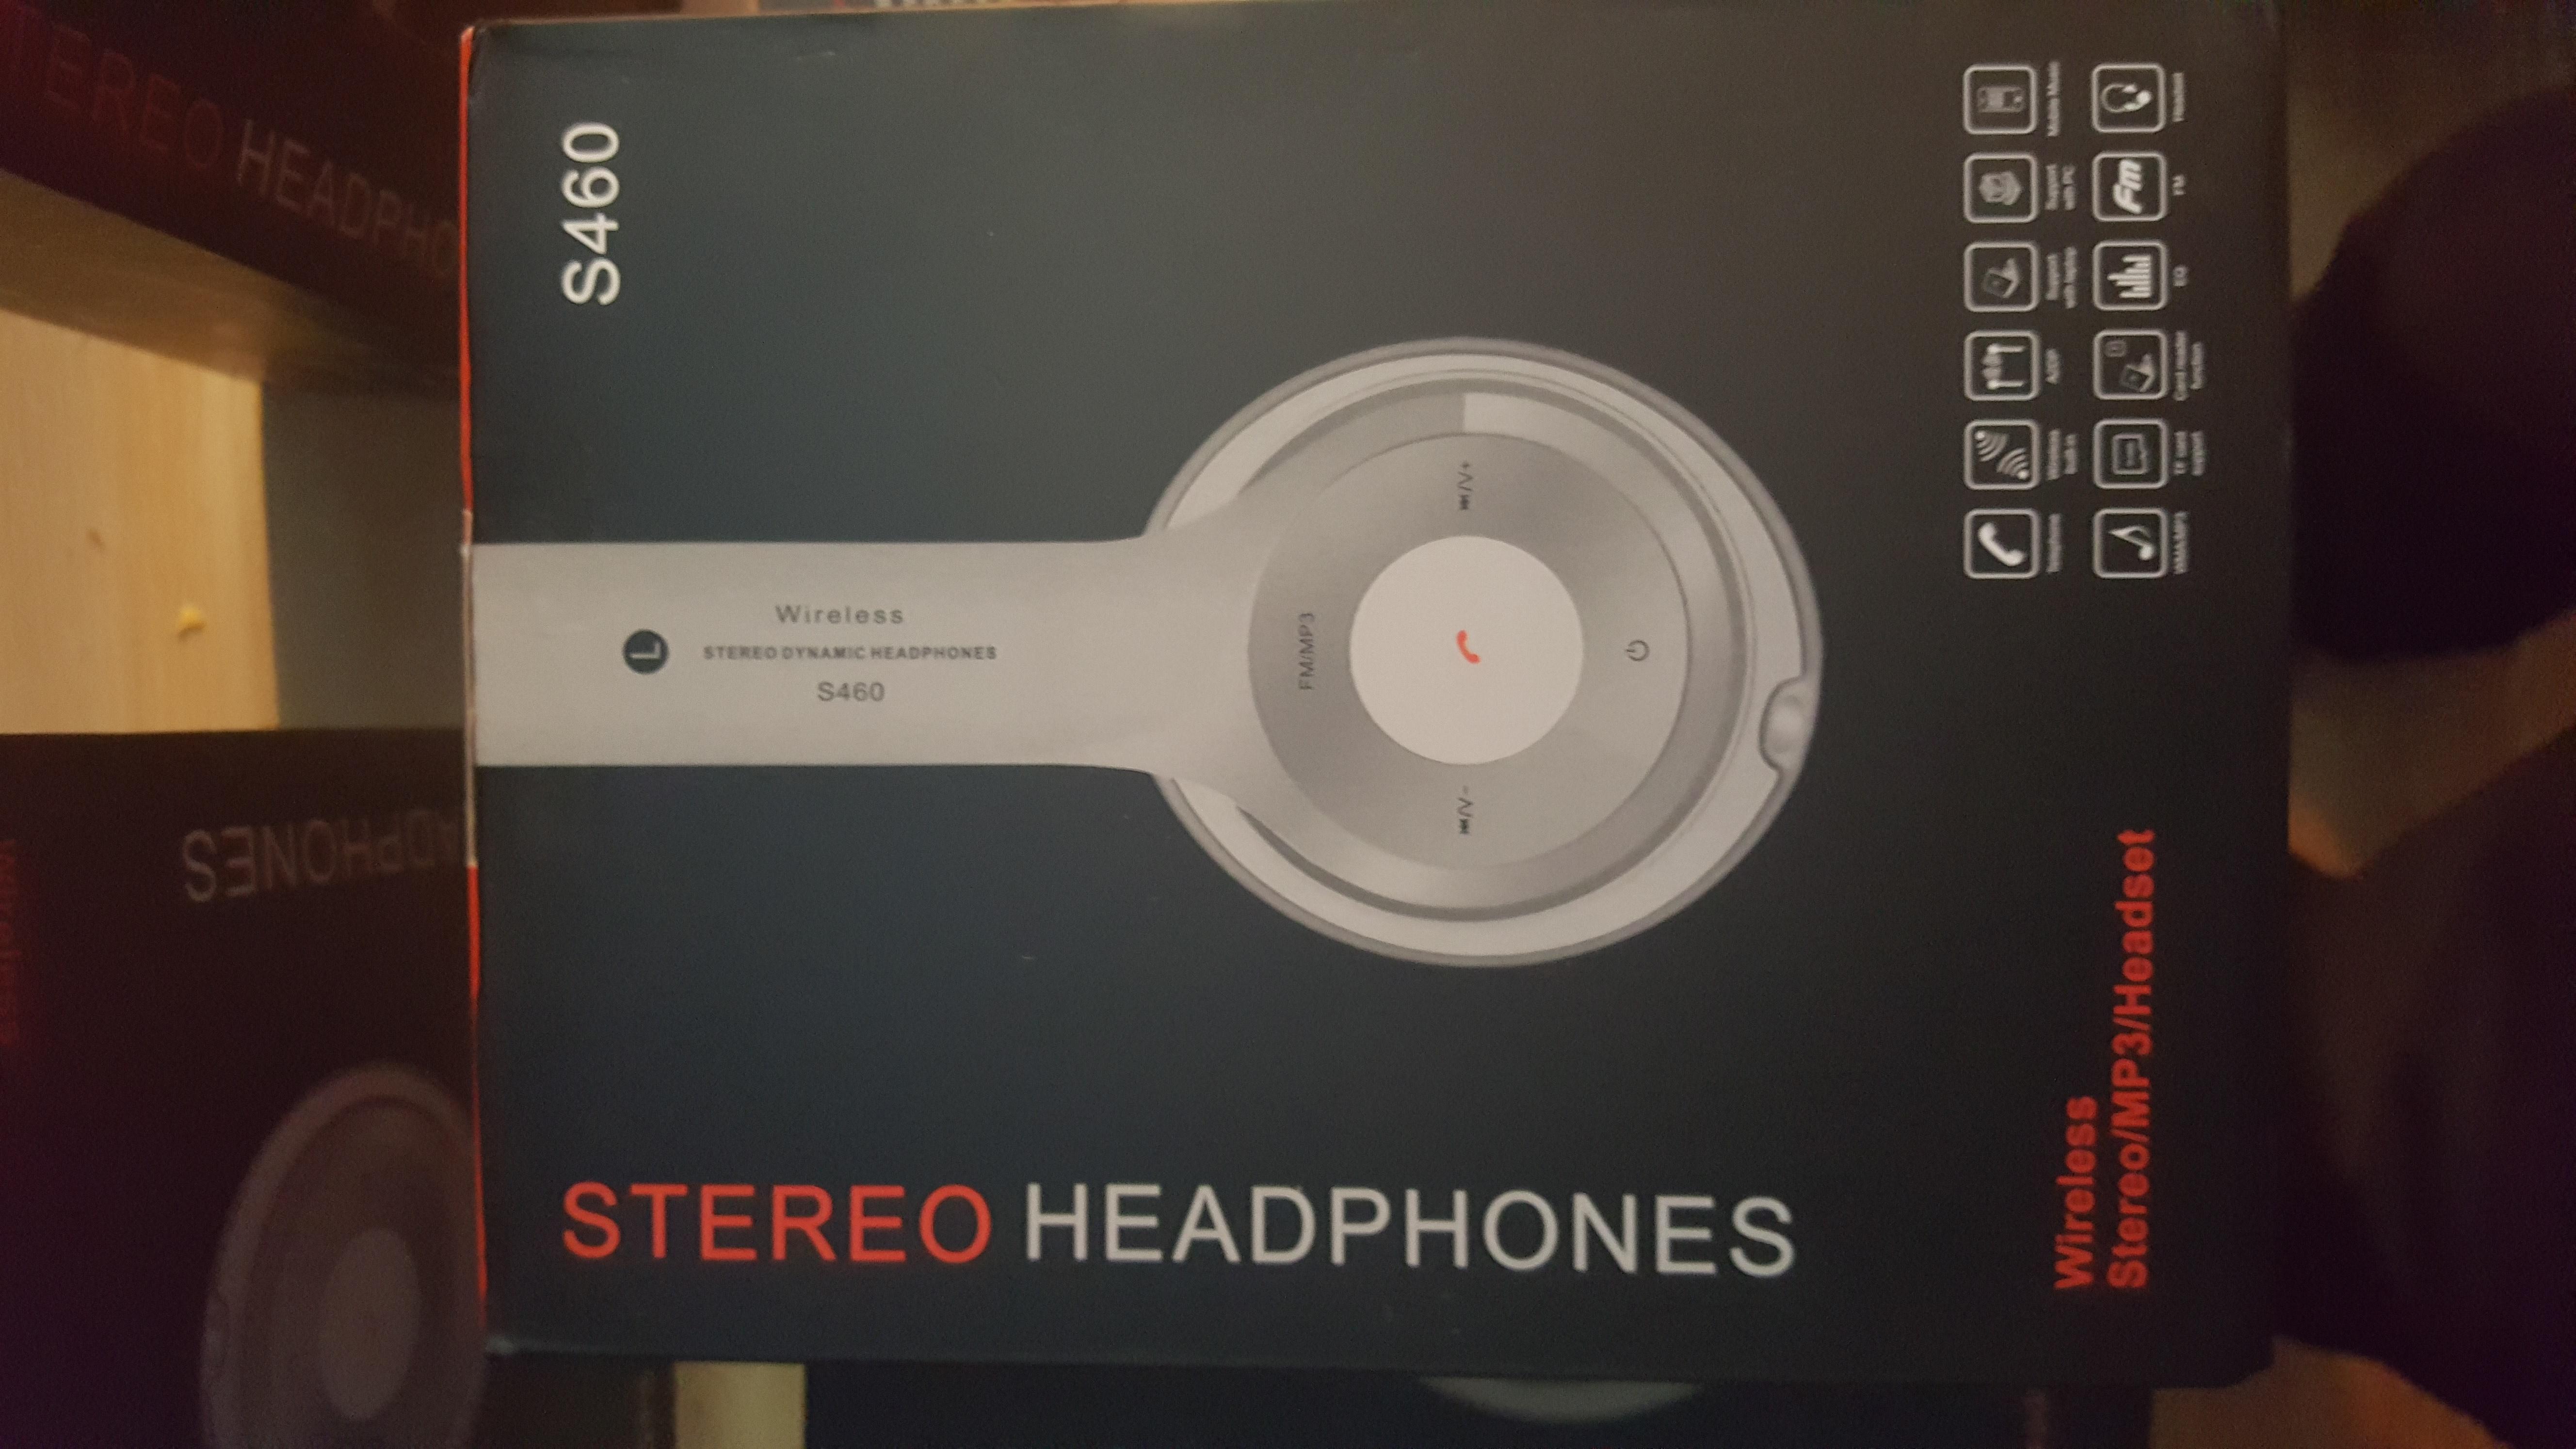 5 items of wireless headphones